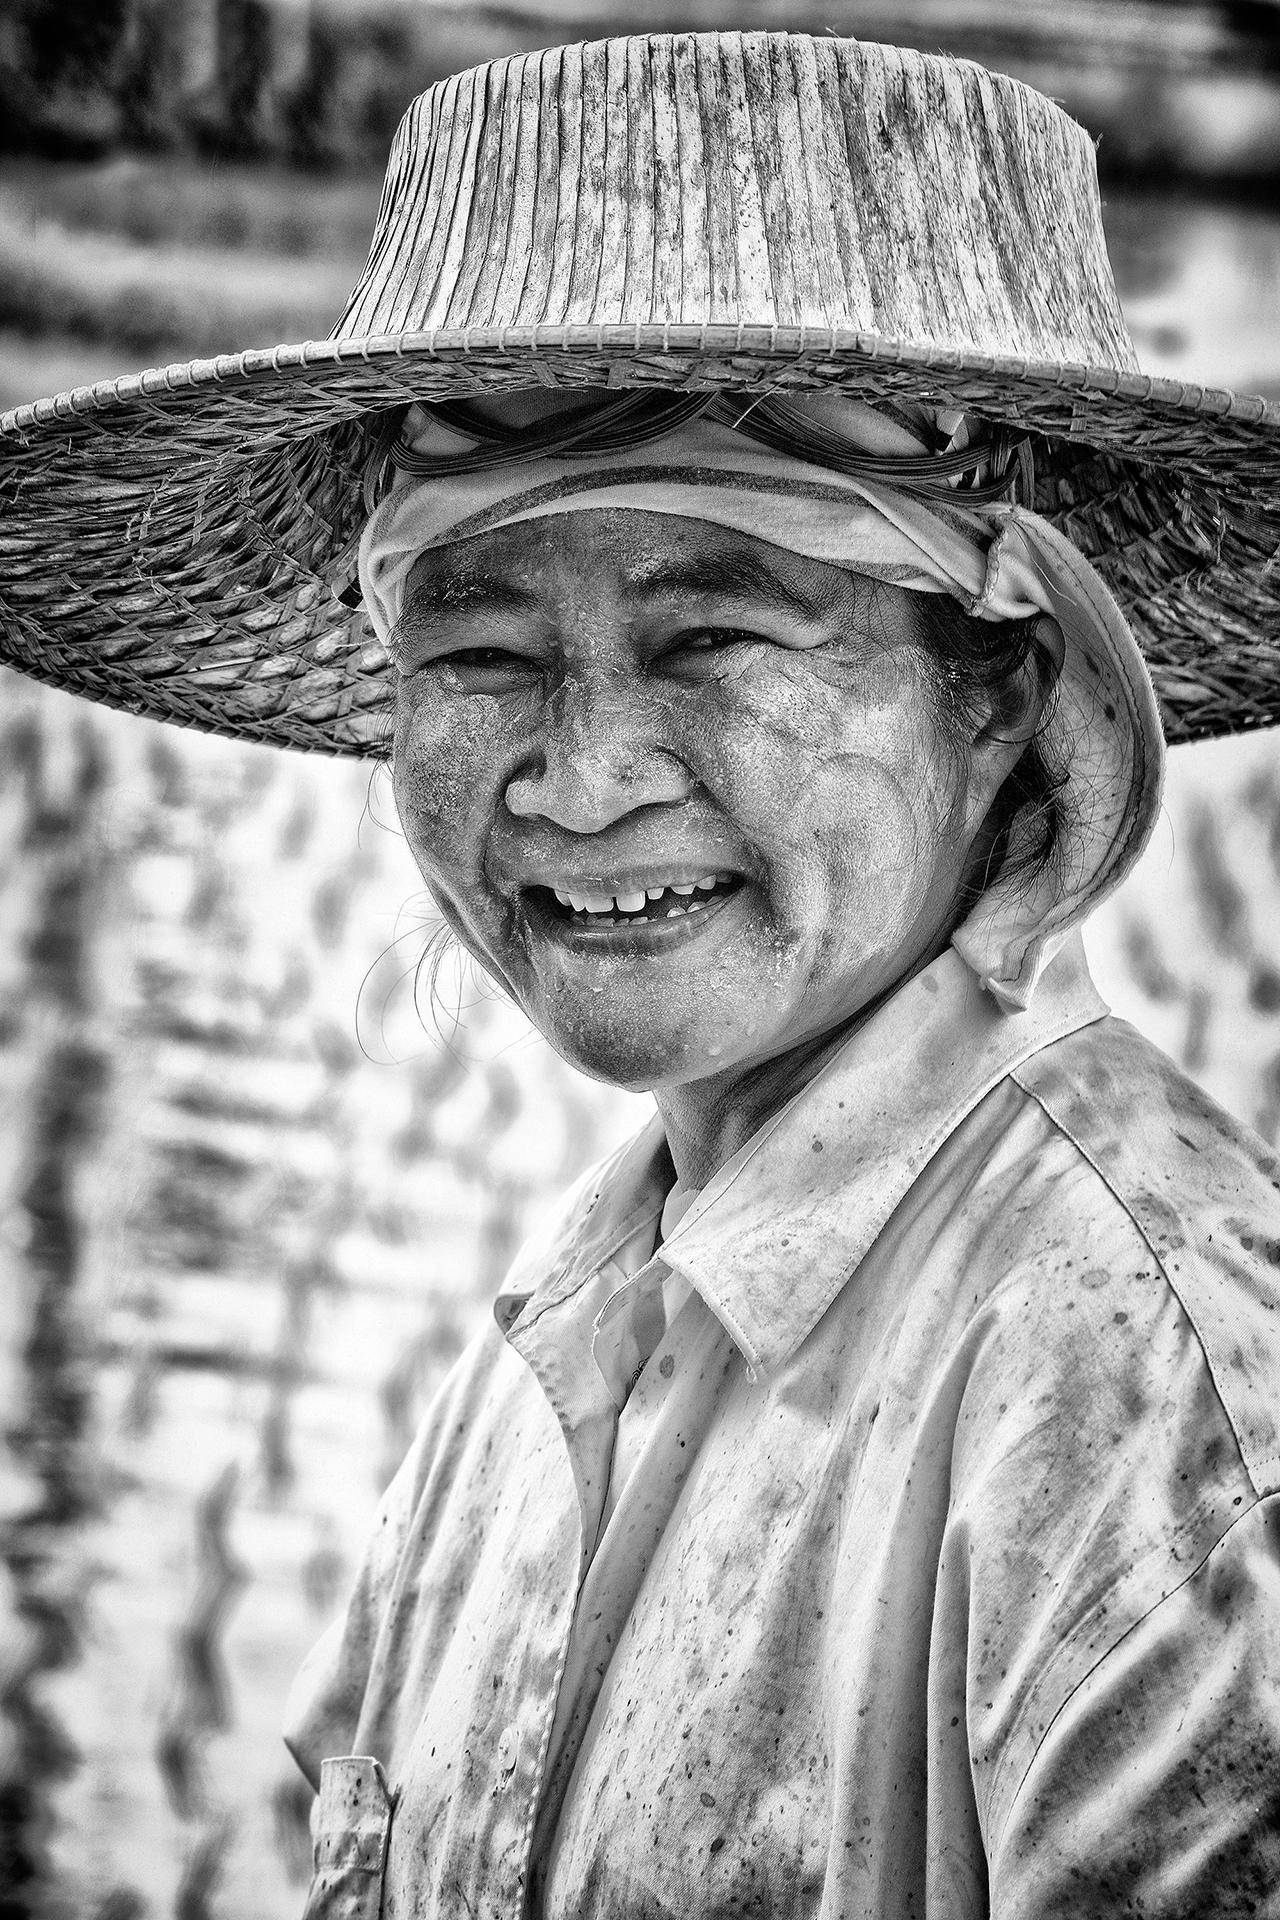 Thai smile...